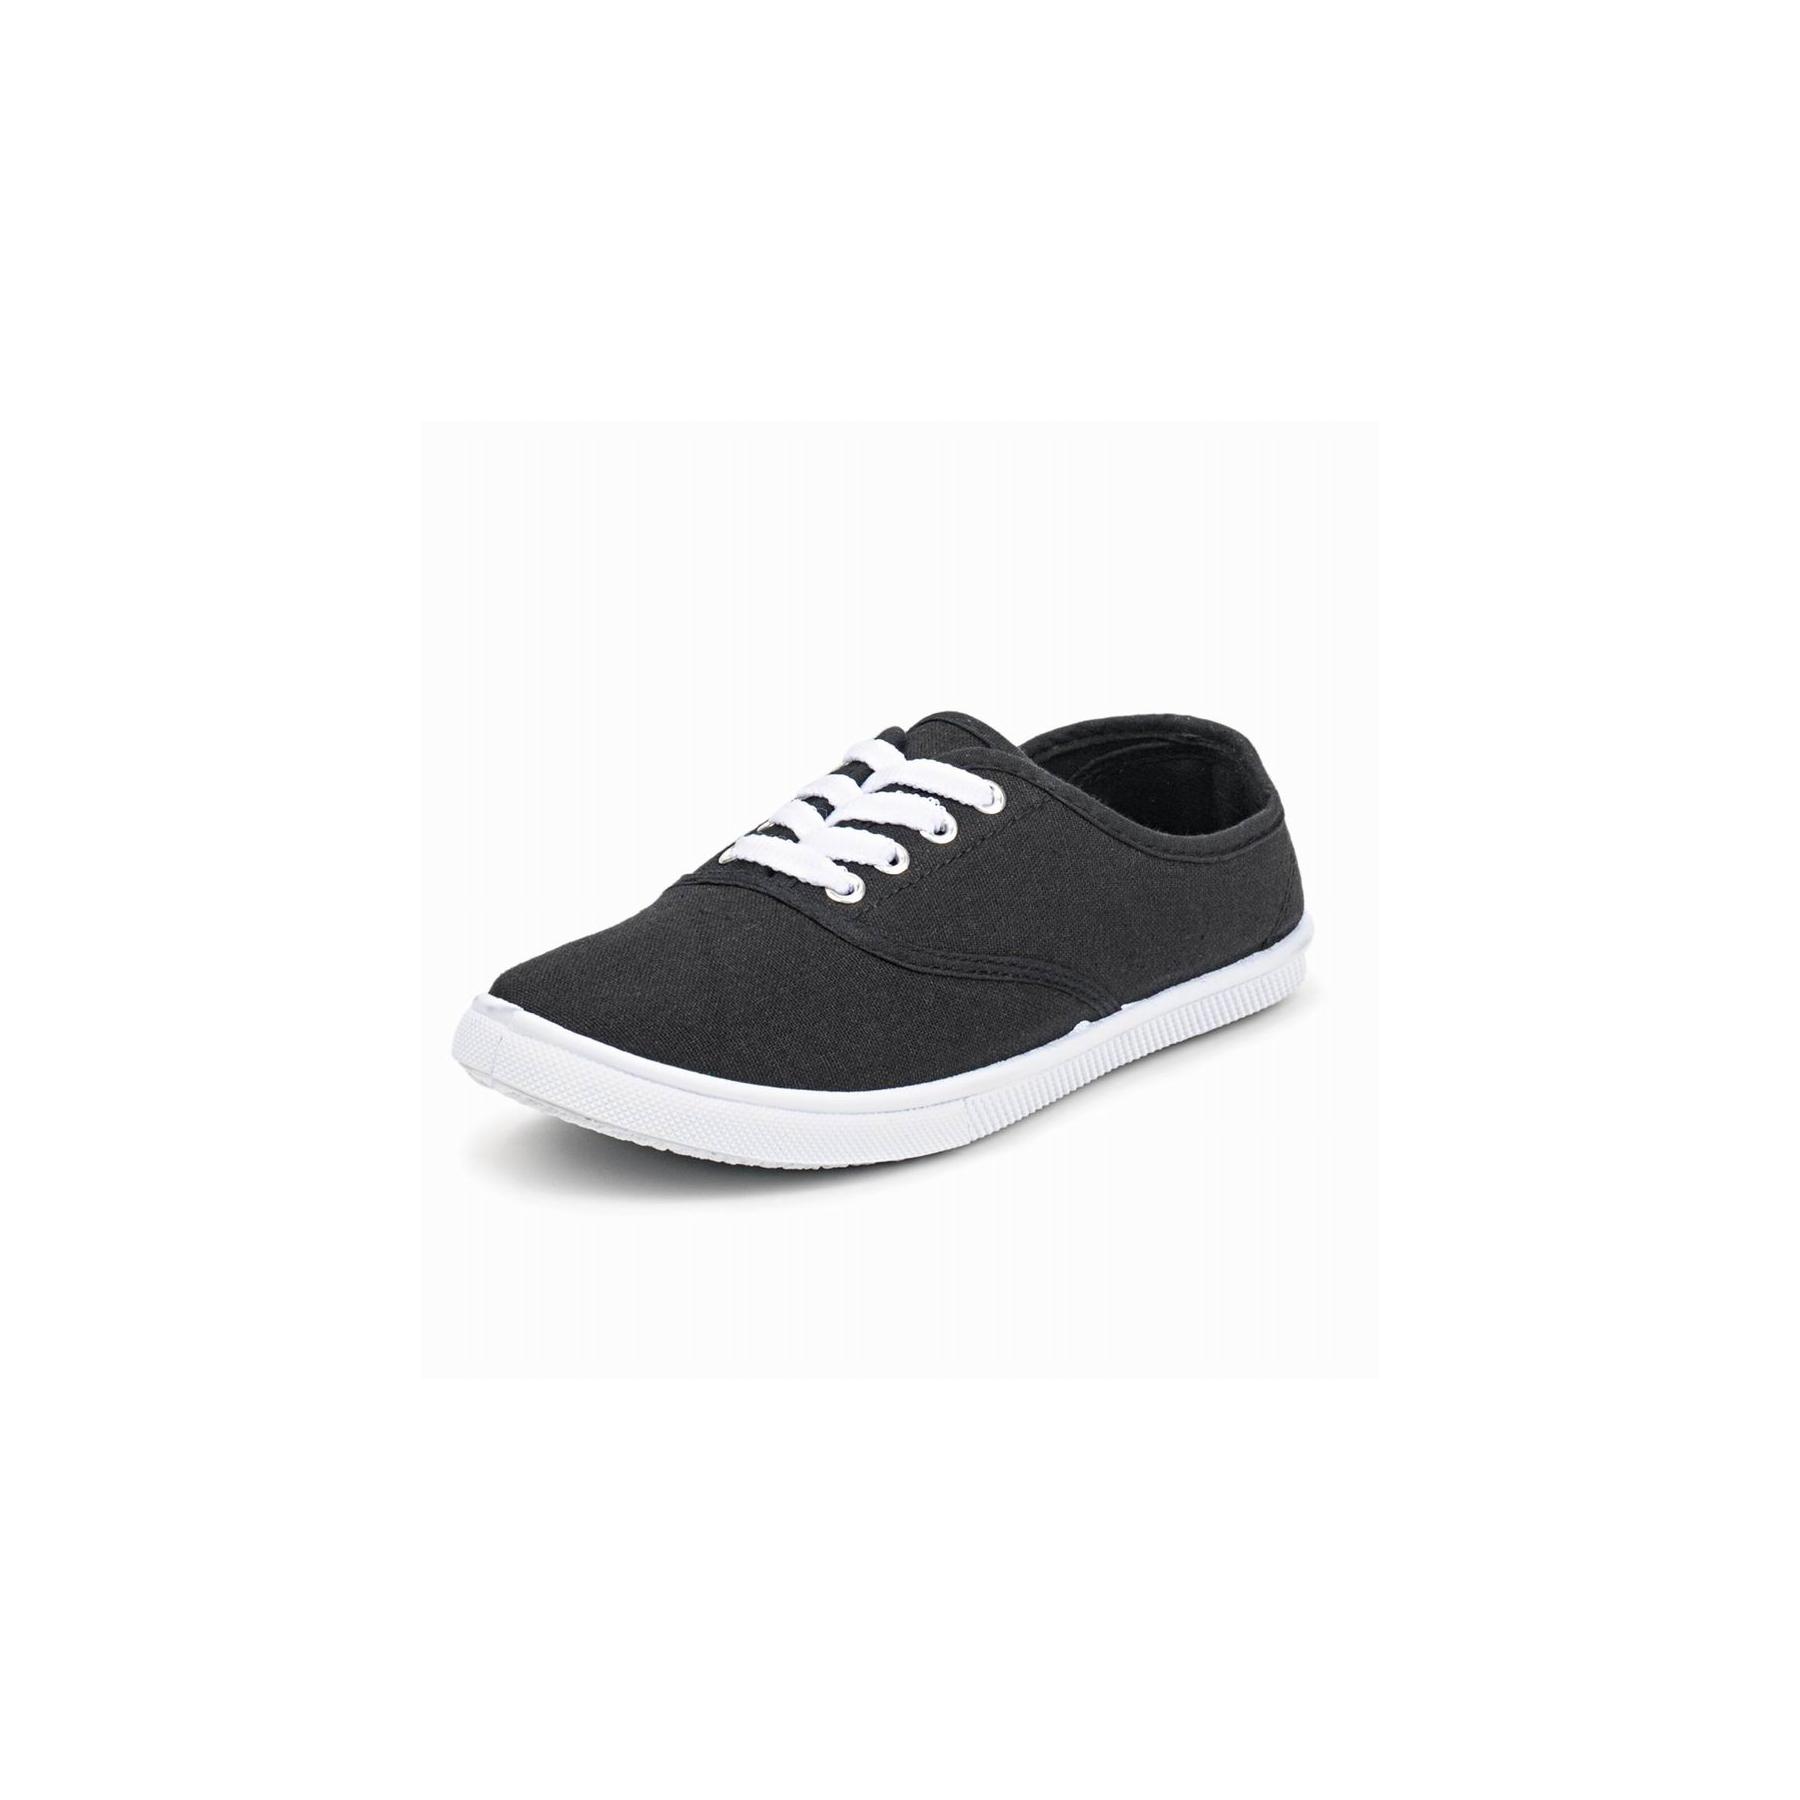 Обувь женская Trien  LGC 9102 черная текстиль р. 36 АКЦИЯ!